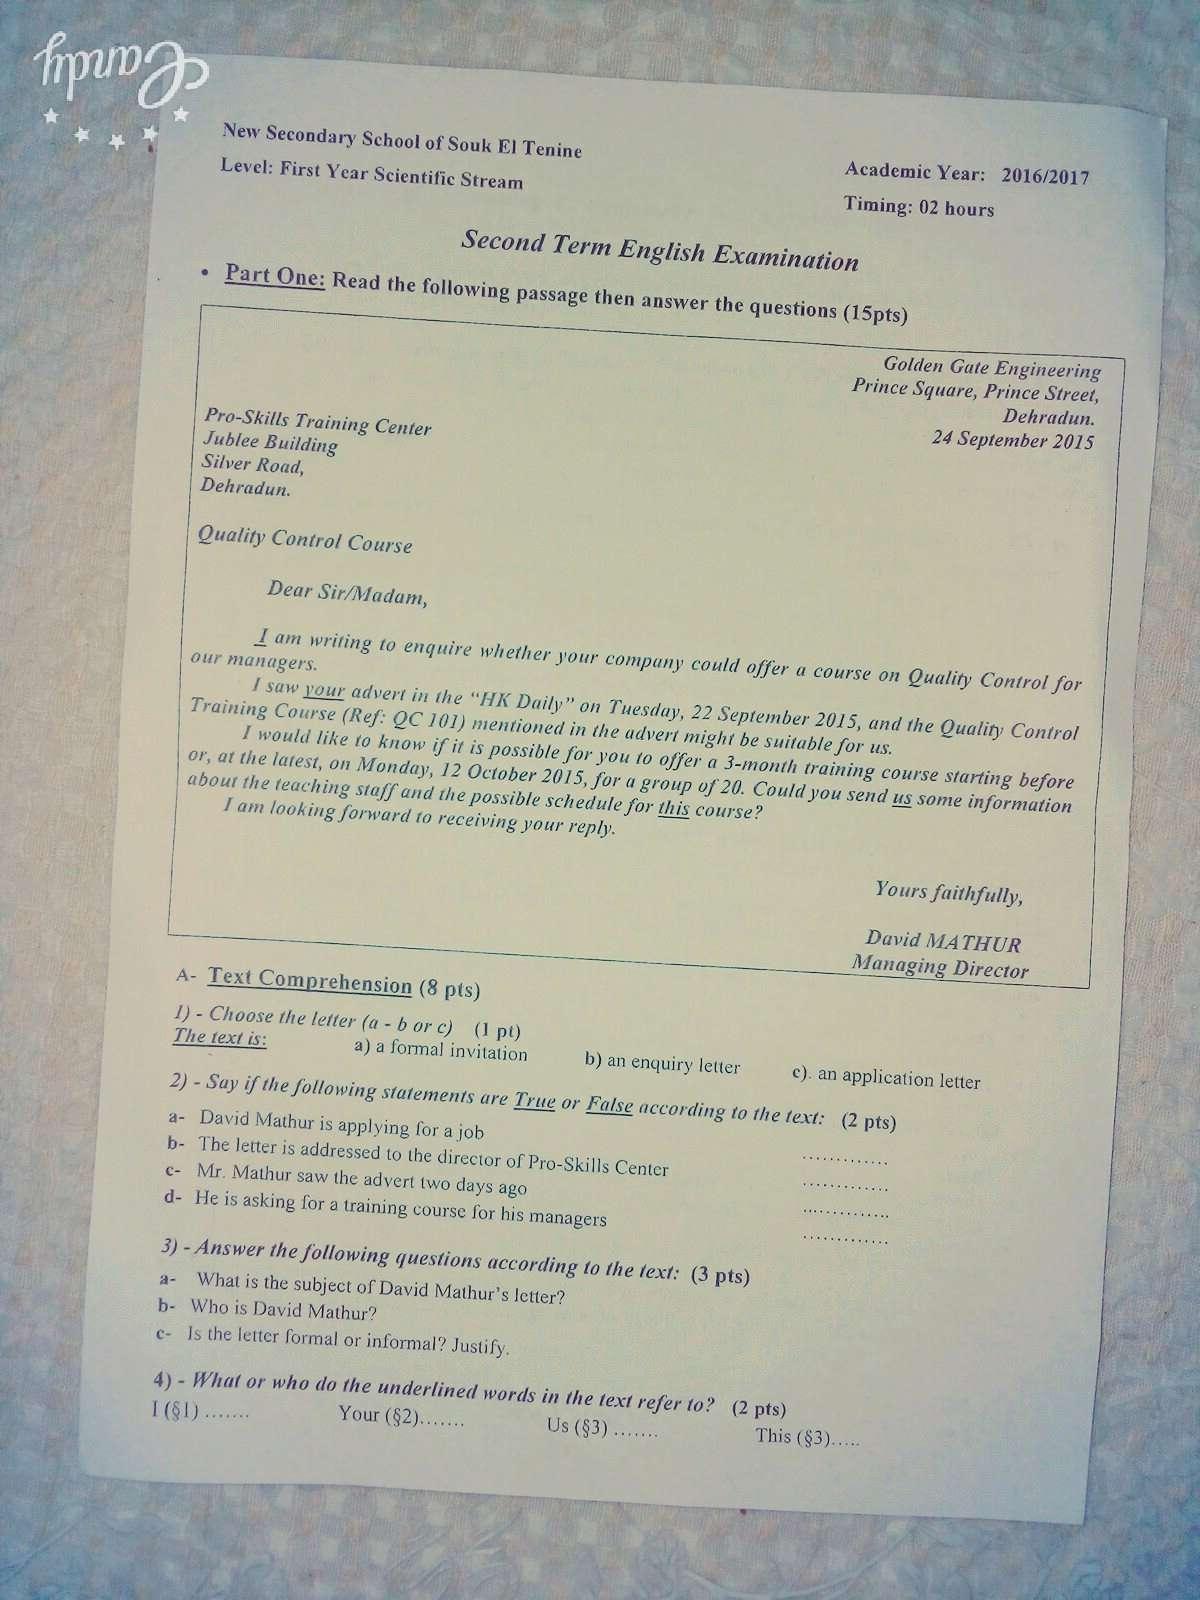 اختبار الفصل الثاني في الانجلزية للسنة الاولى ثانوي علوم - النموذج 1 17036710